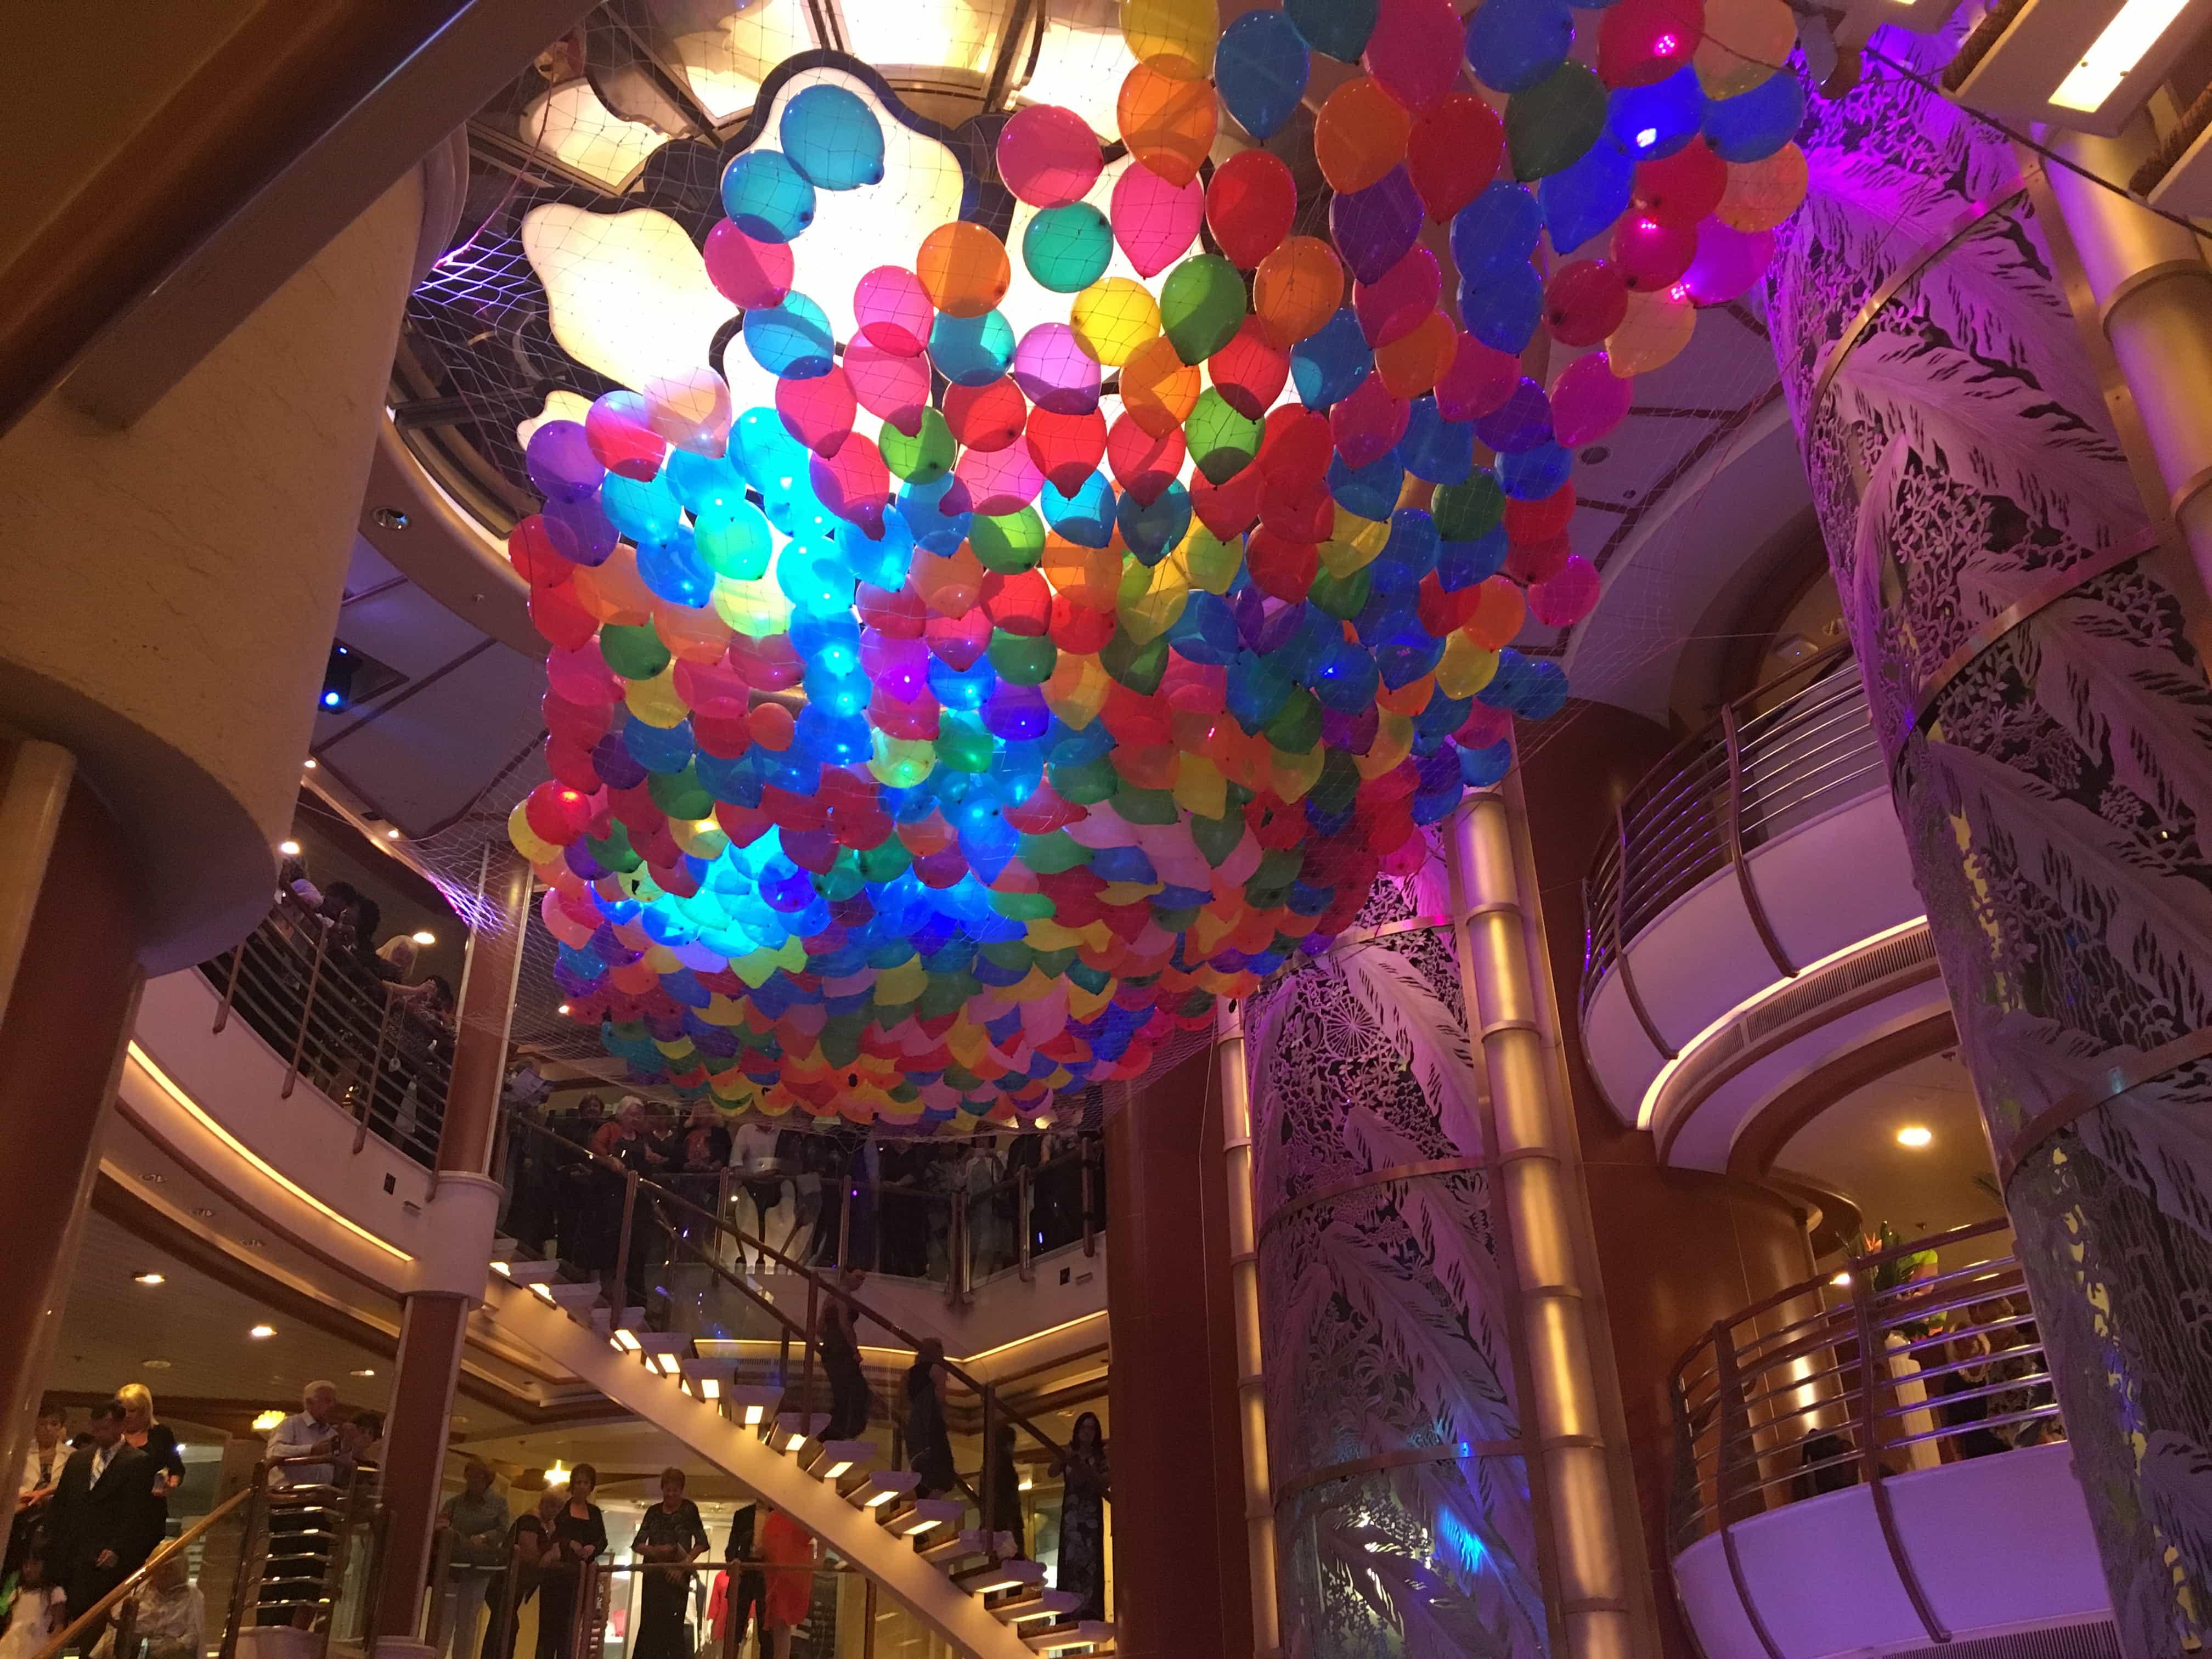 golden princess balloon drop party atrium piazza staircase